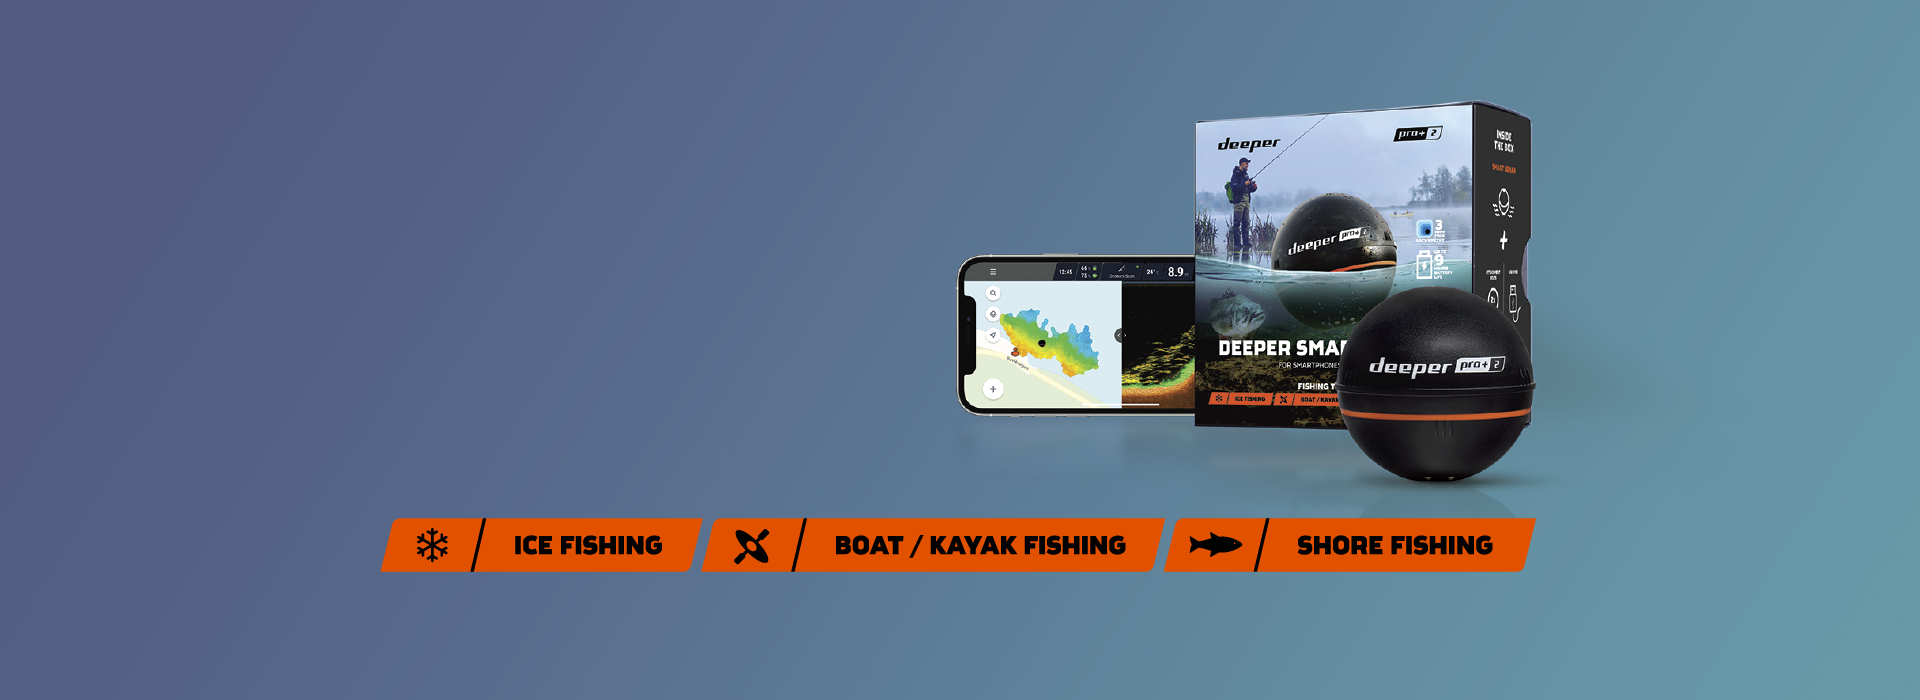 Новият Deeper PRO+ 2! Обичан от рибарите по цял свят.Сега подобрен и по-надежден от всякога.